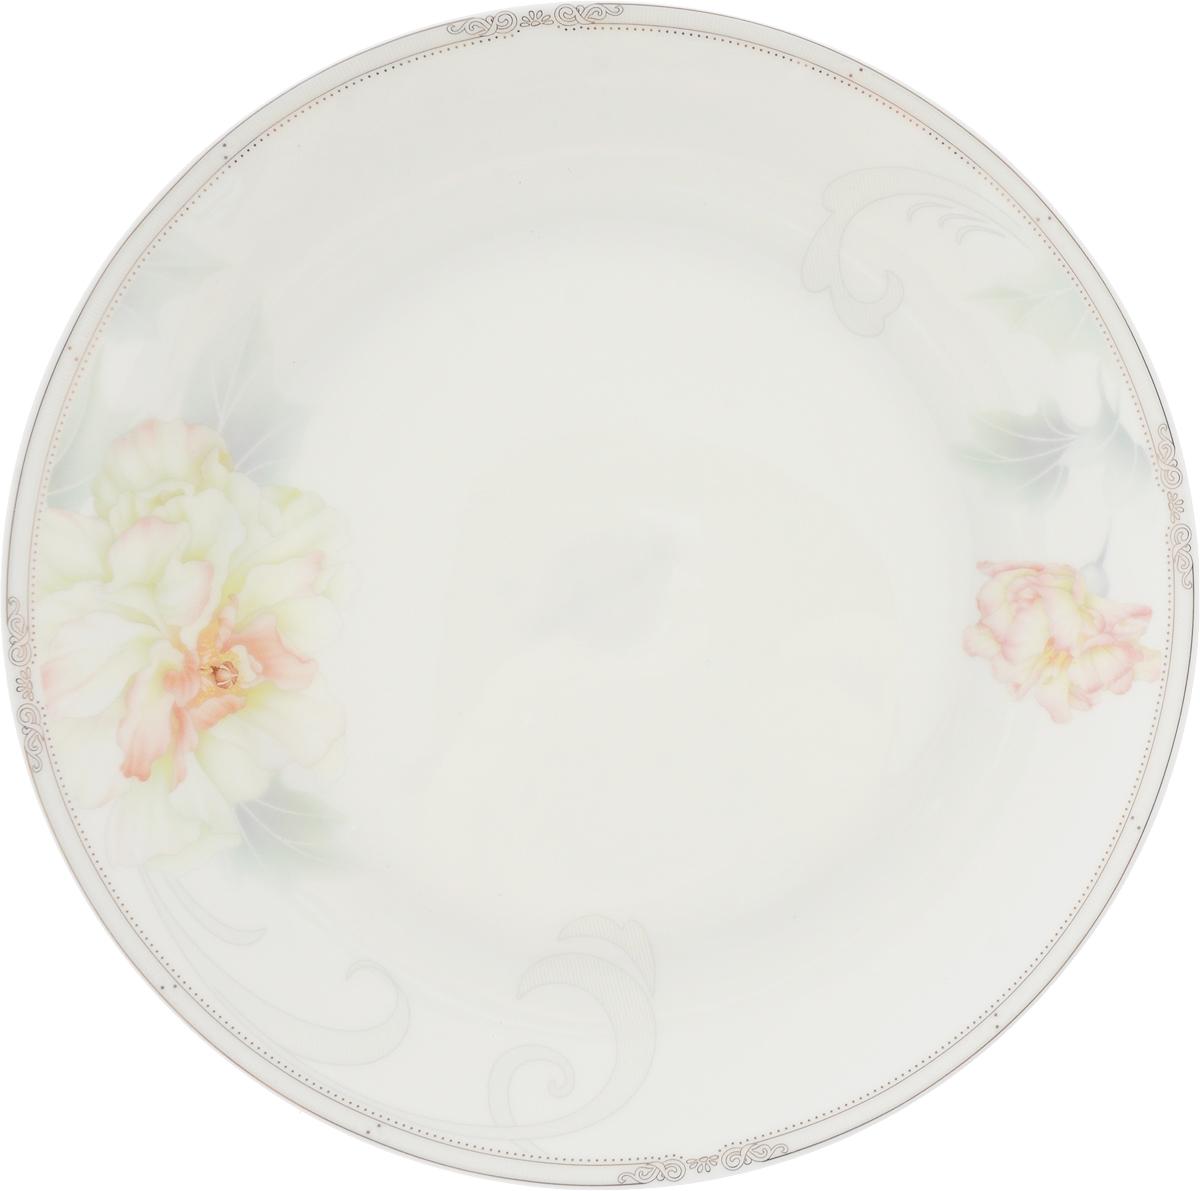 Тарелка плоская Royal Aurel Акварель, диаметр 20 смDMB180-1Фарфор Royal Aurel отличается исключительной белизной, что объясняется уникальными компонентами и традиционной технологией, по которой он был изготовлен. Белая глина из провинции Фуцзянь и традиционные рецепты китайских мастеров создают неповторимую композицию. Материал: костяной фарфор.